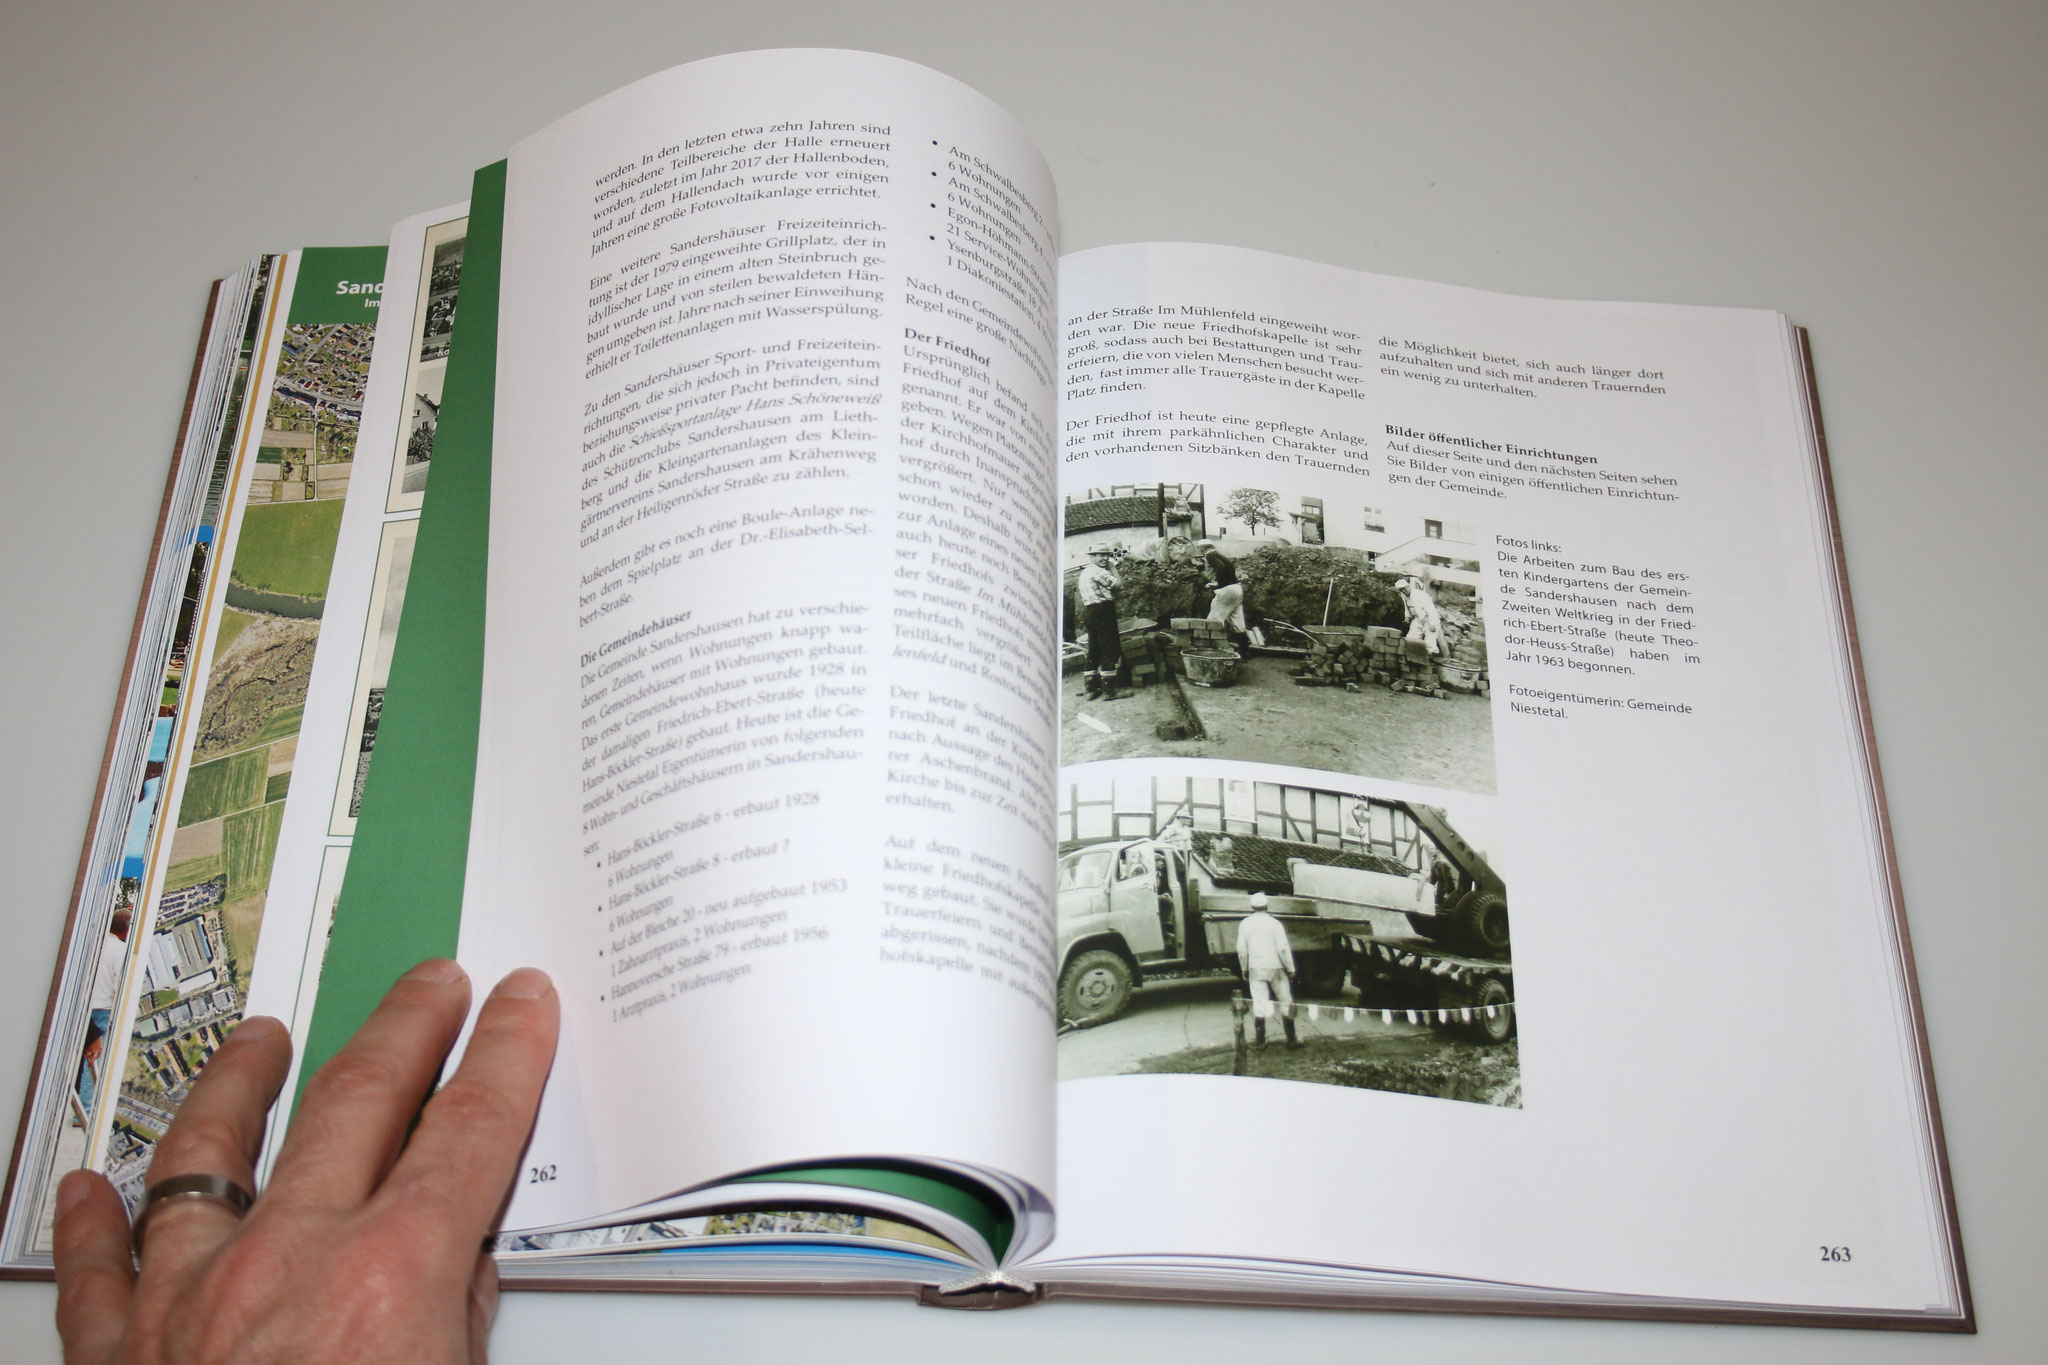 Auflage 300 Stück, Fadenheftung, Digitaldruck, Hardcover